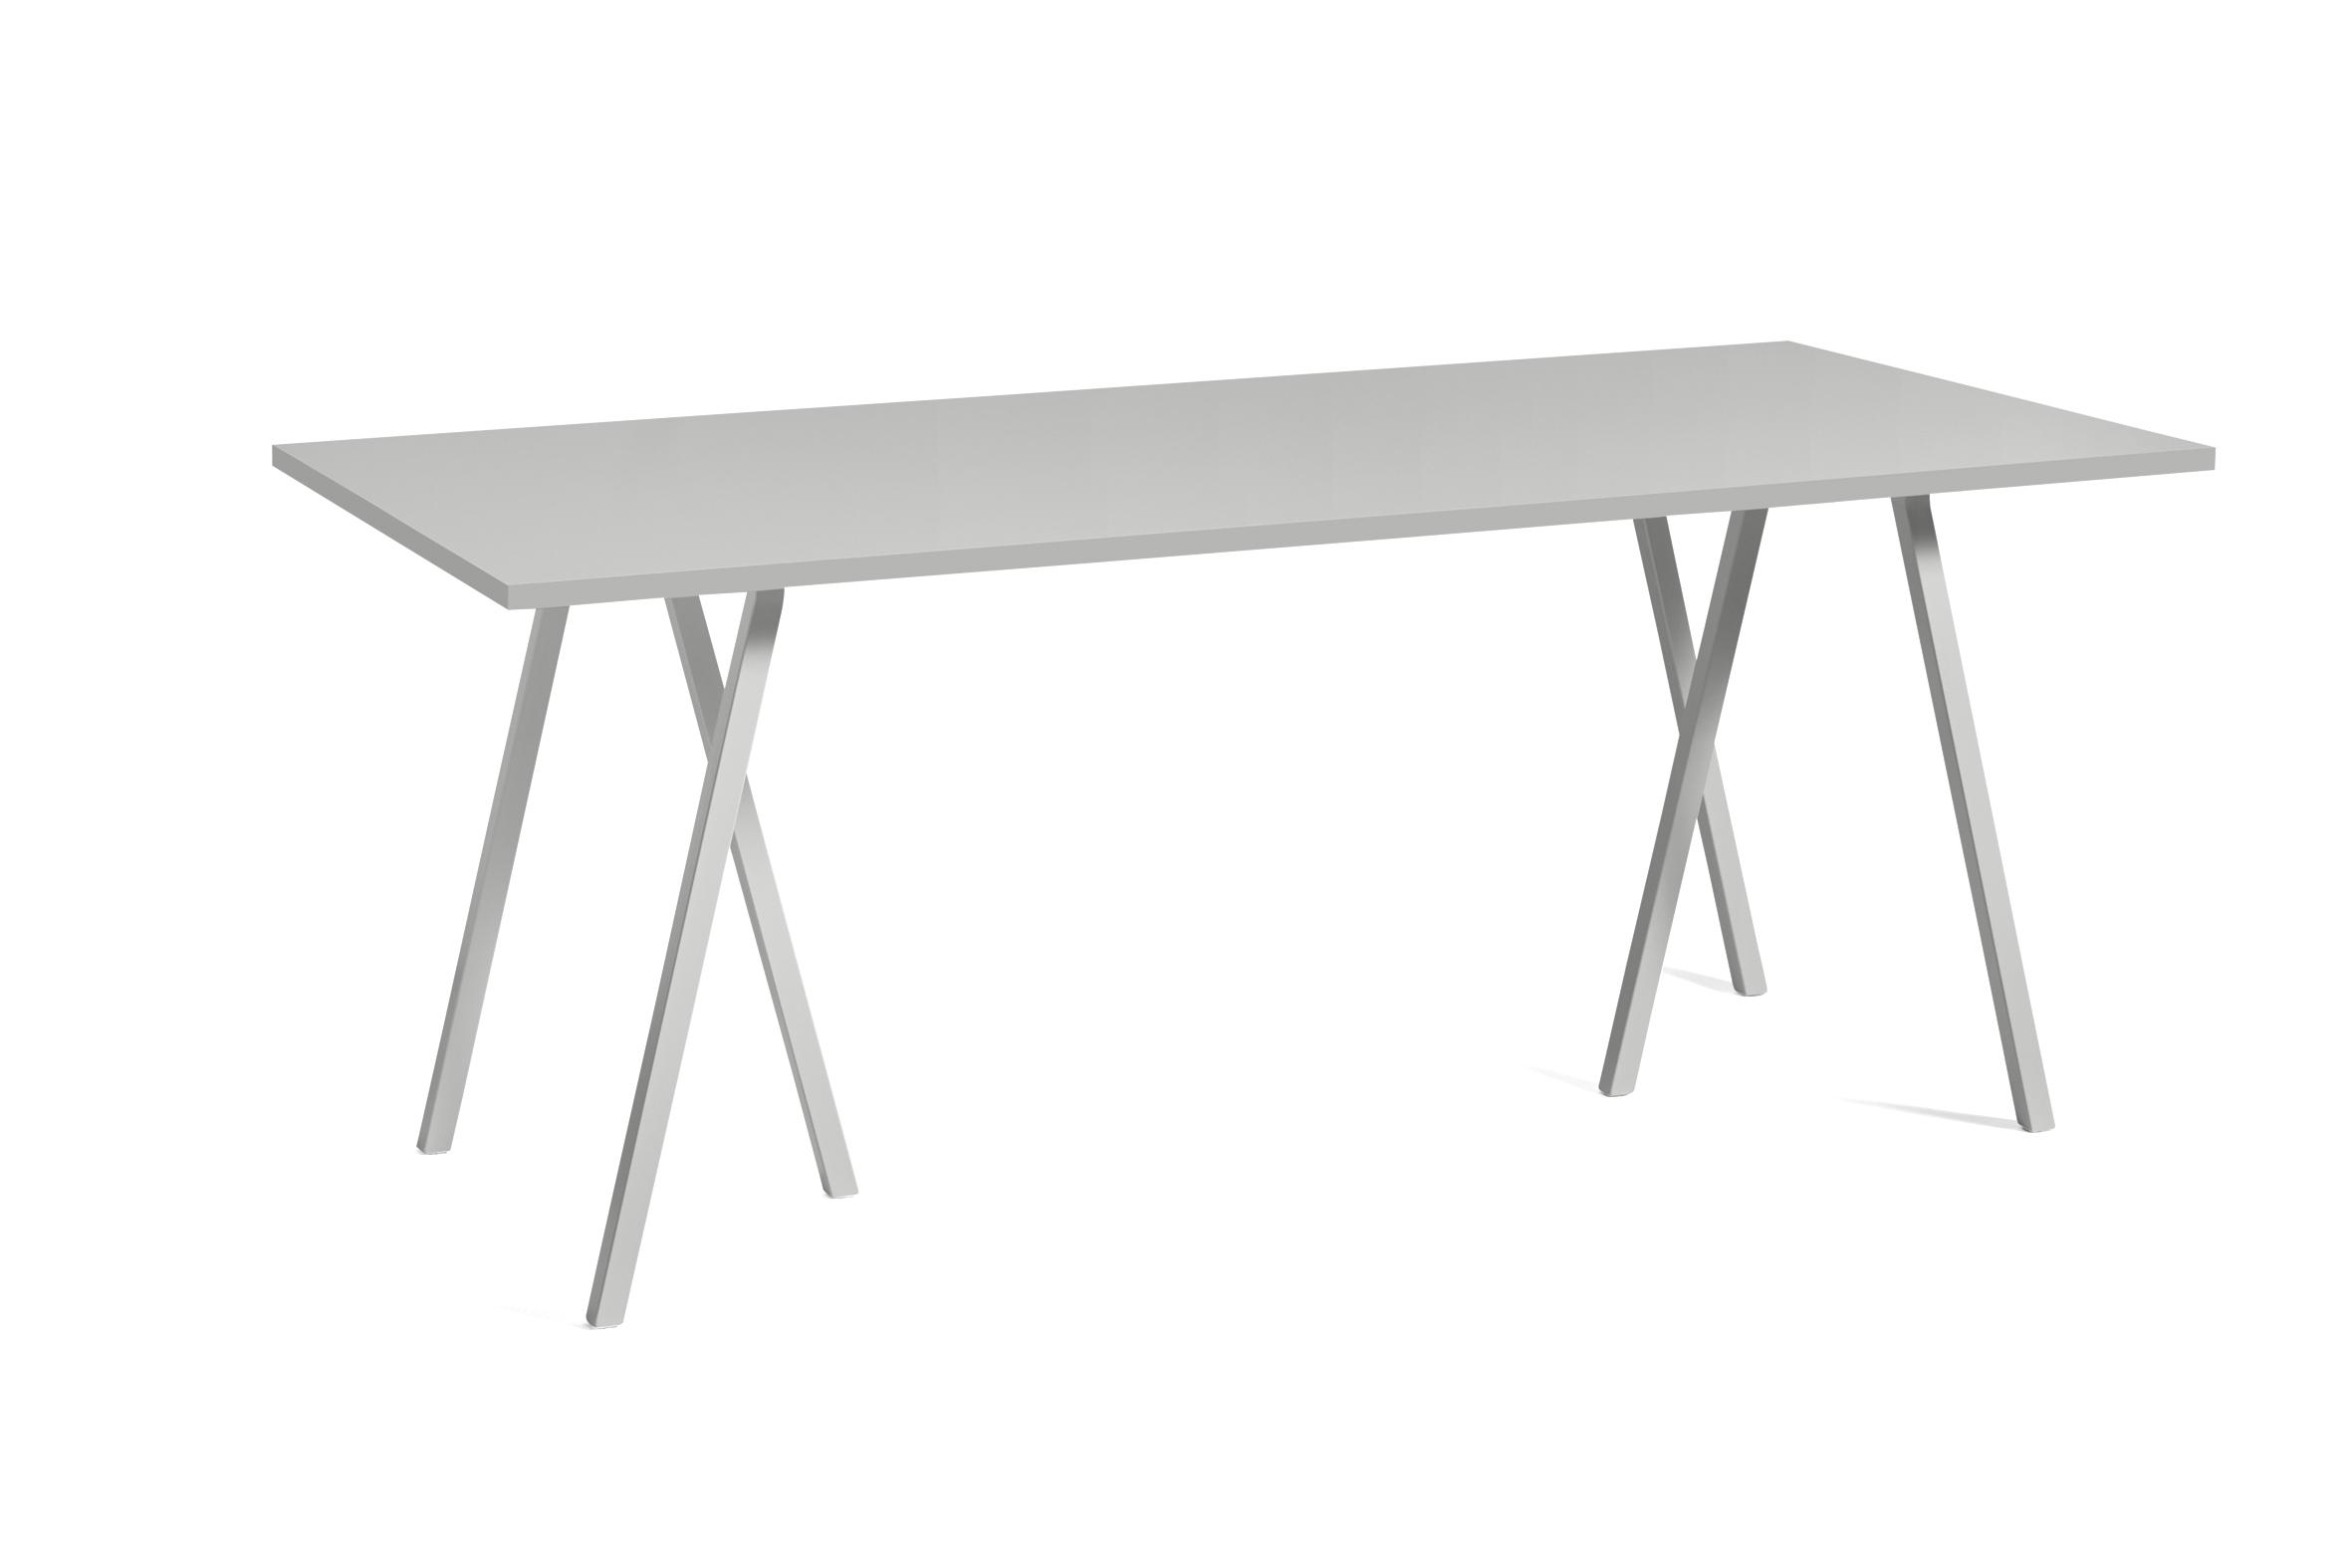 Loop stand table grey linoleum 180 cm